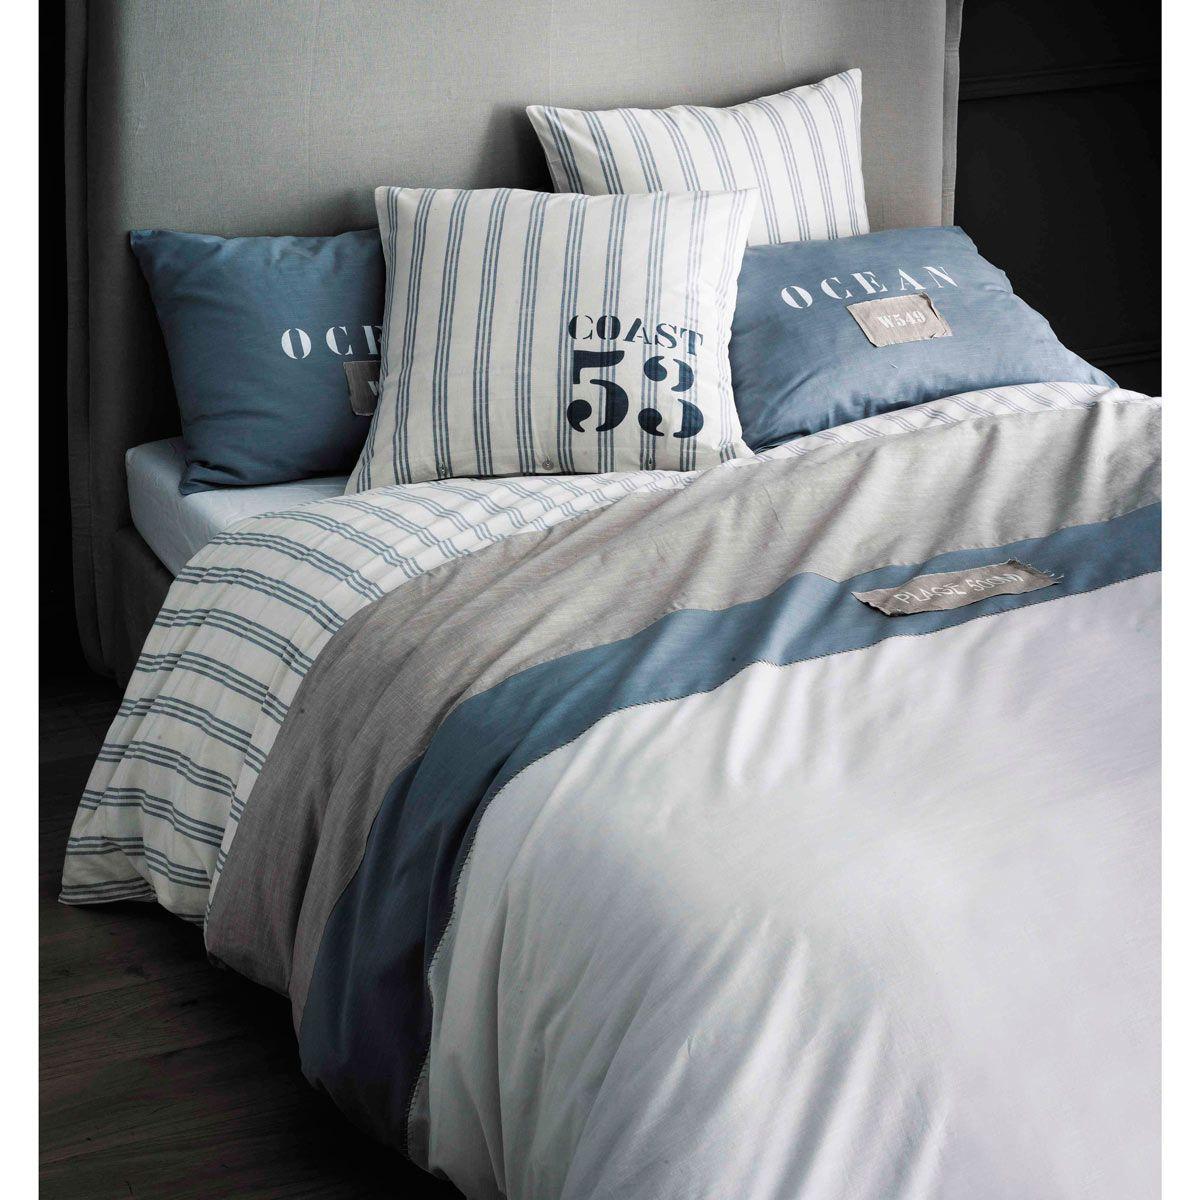 Parure de lit 240 x 260 cm en coton blanche | Parure de lit ...